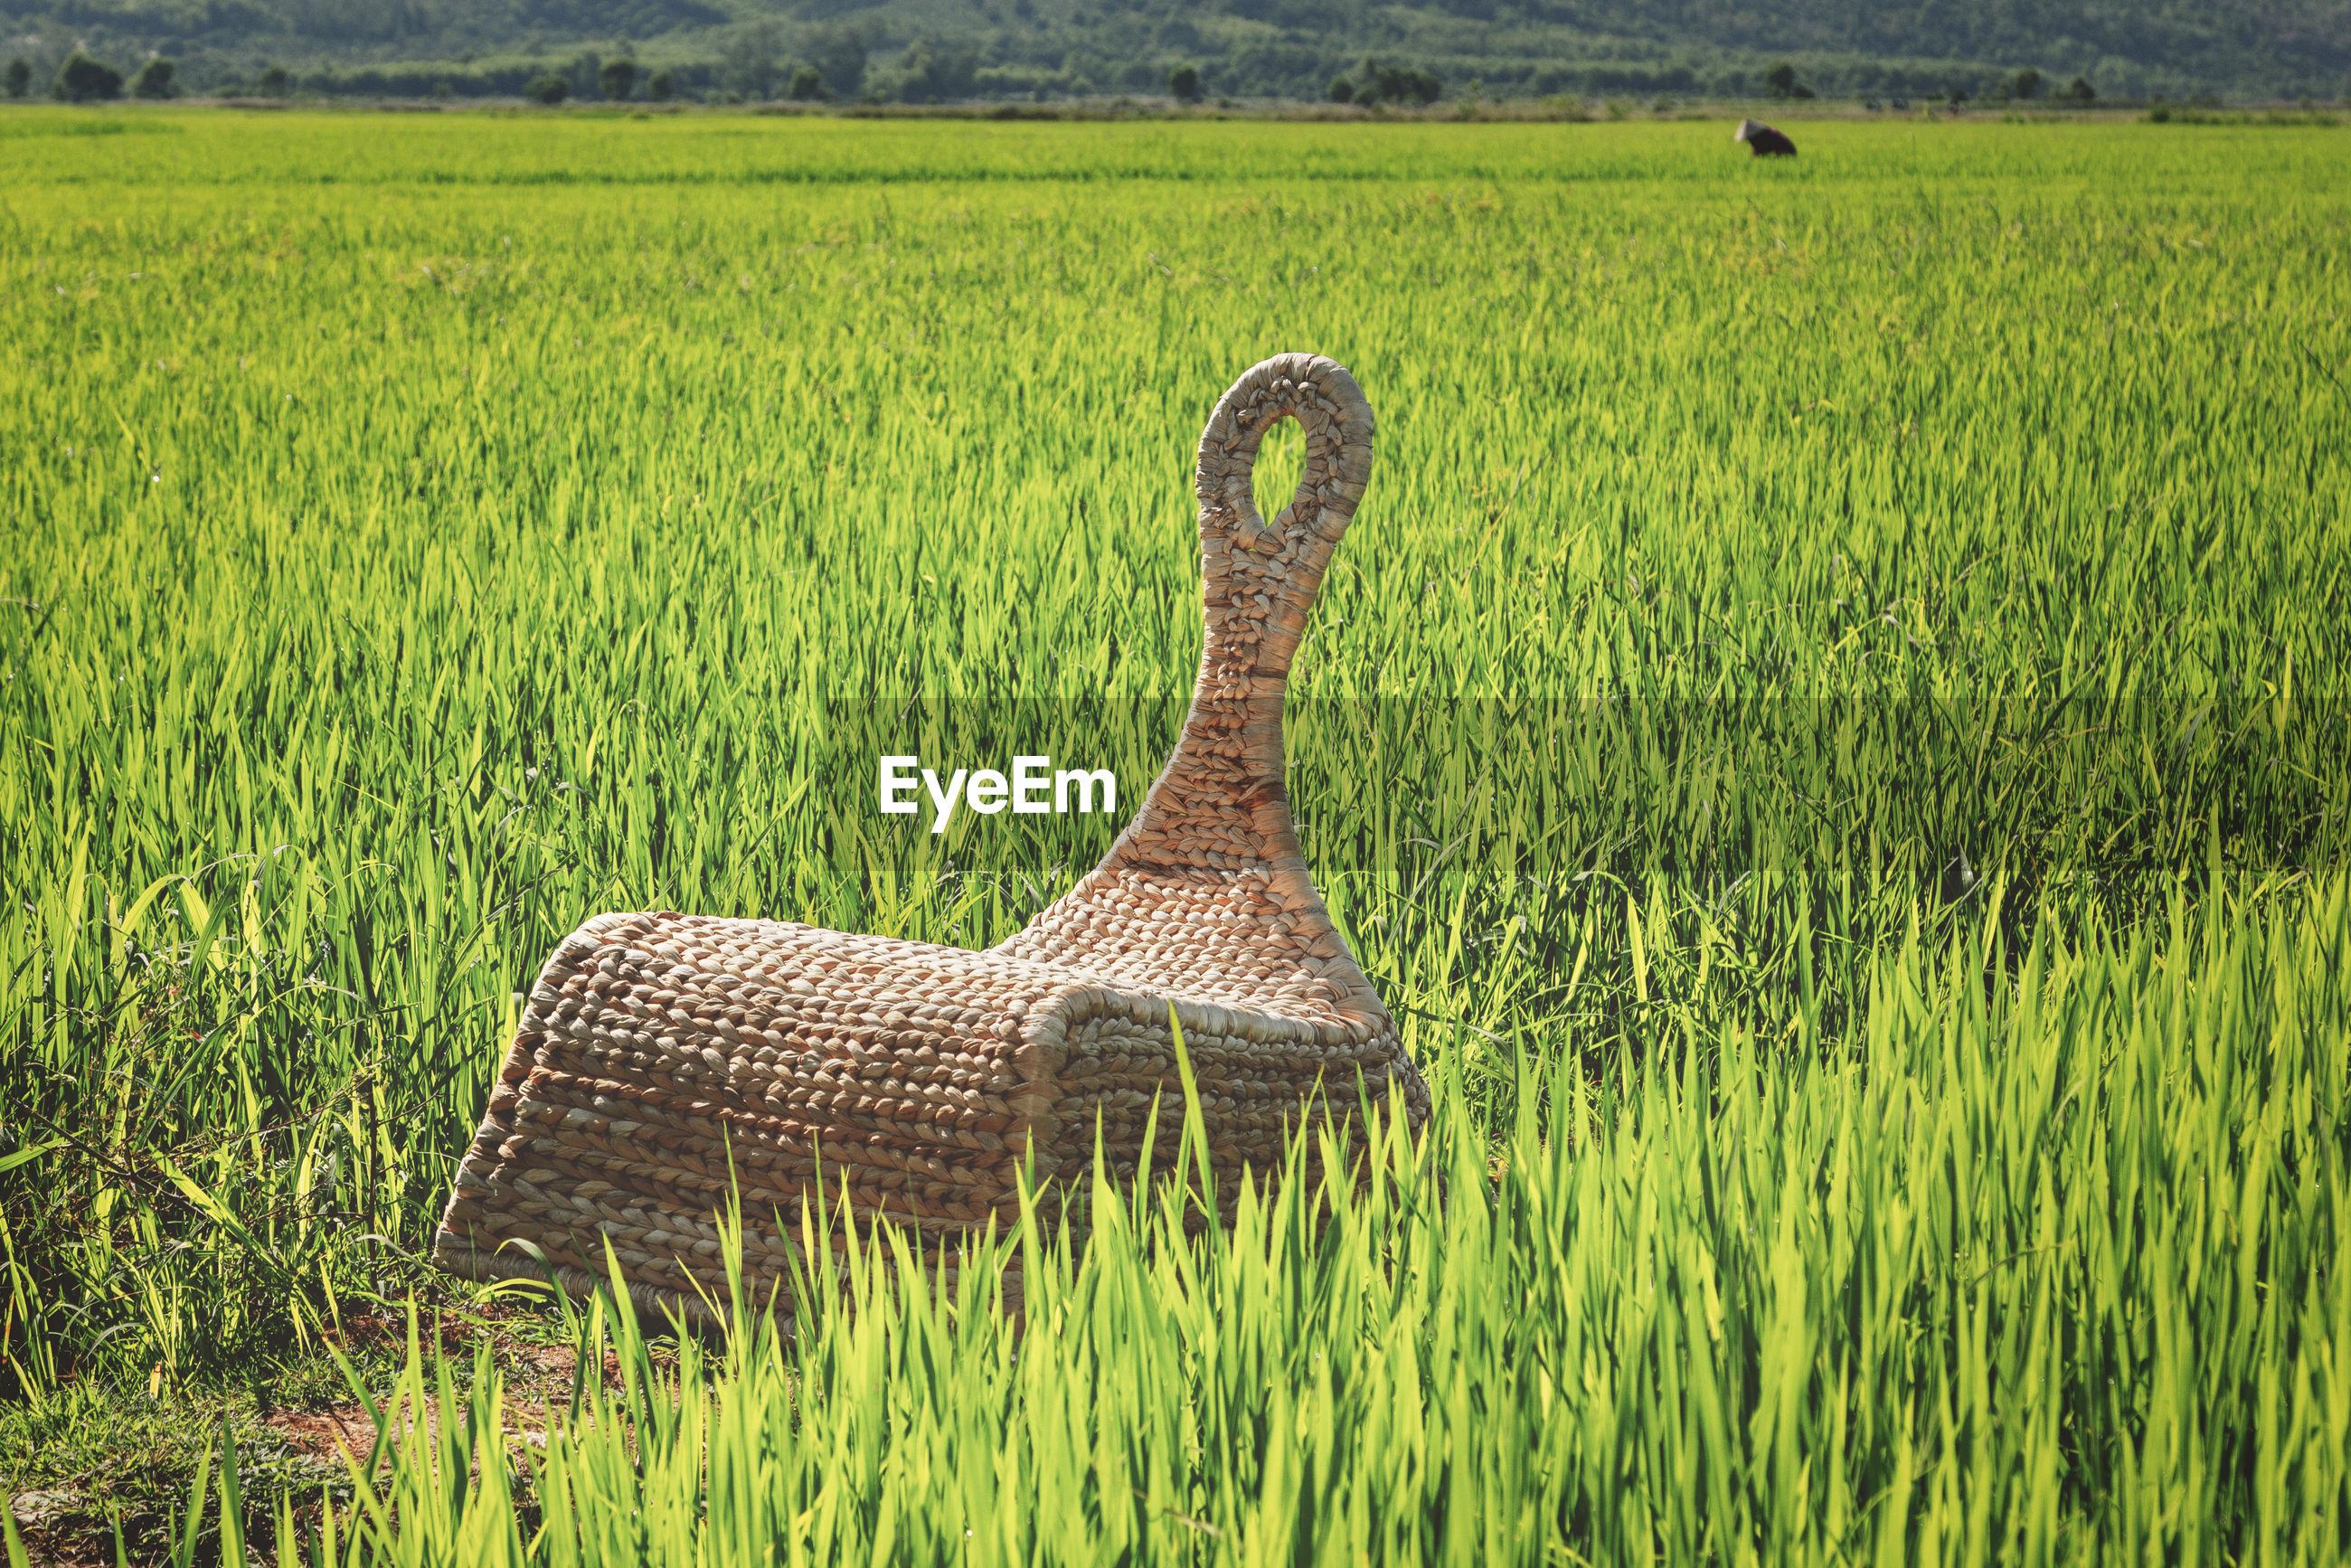 HAY BALES IN FARM